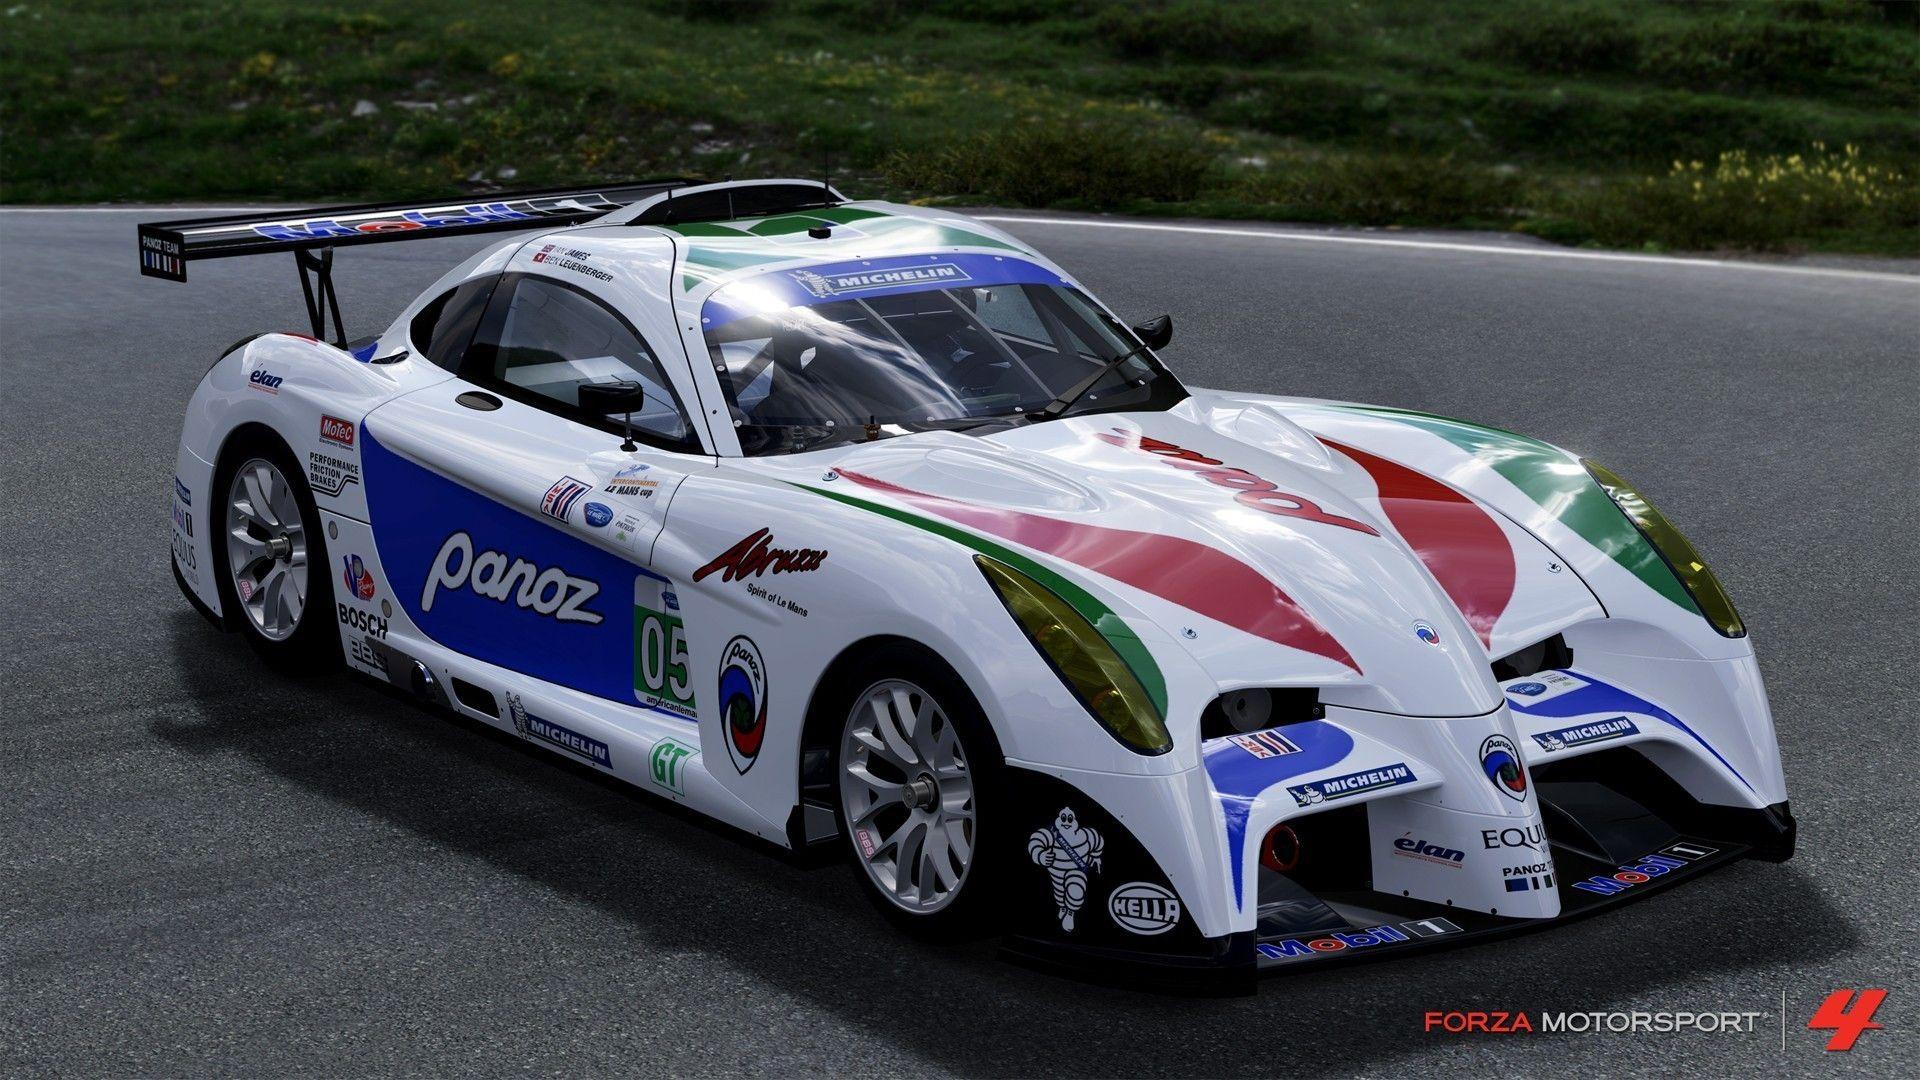 Forza Motorsport 4 Panoz Xbox 360 Abruzzi Cars 1920x1080 Motorsport Xbox Abruzzi Cars Via Www Allwallpaper In Auto Da Corsa Auto